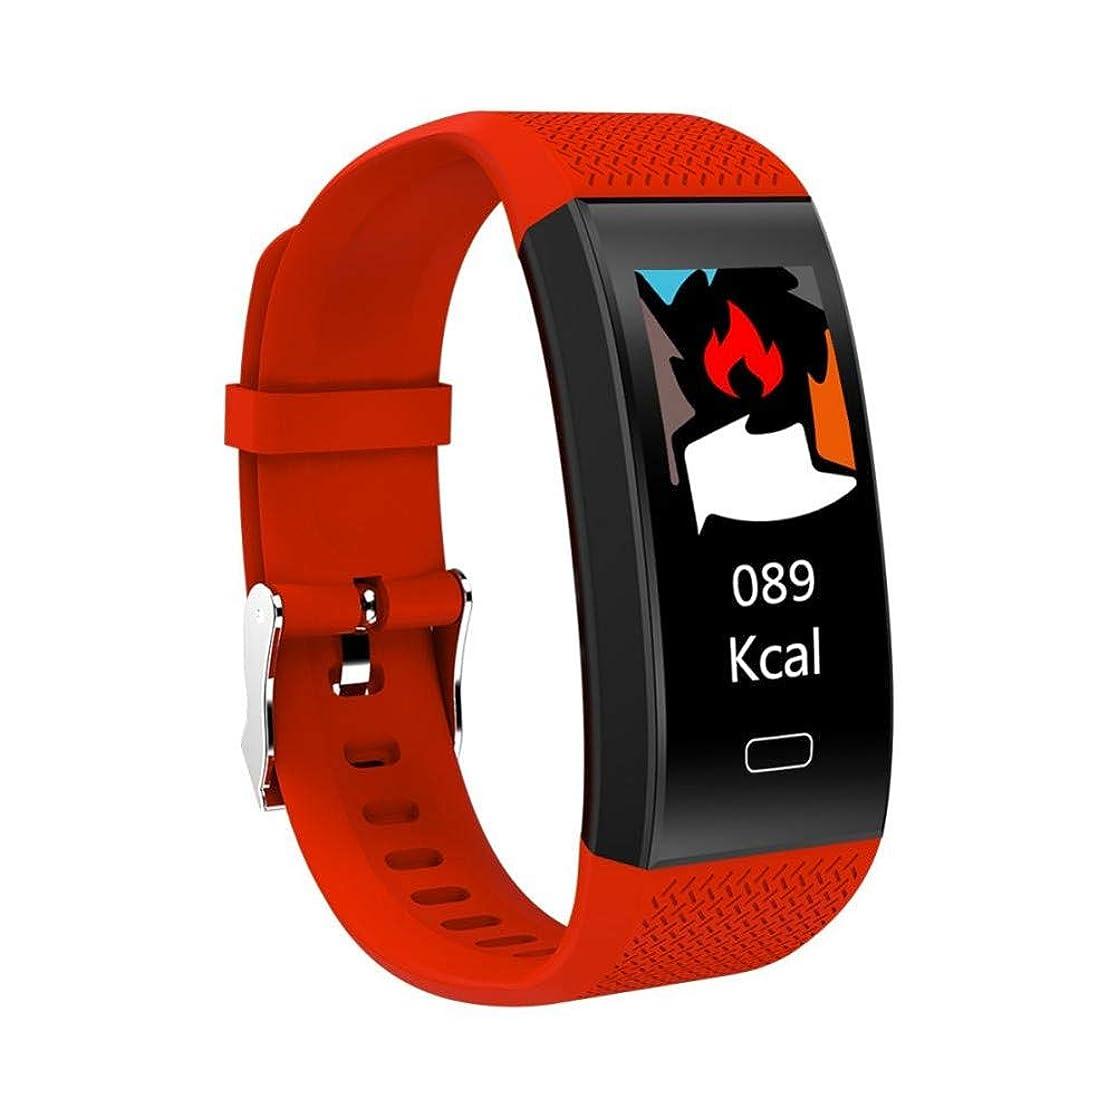 所有者メーターであるBluetooth心拍数モニターリストバンドカラースクリーン防水心拍数検出リアルタイムモニタリングフィットネス滑走路歩数計,Red